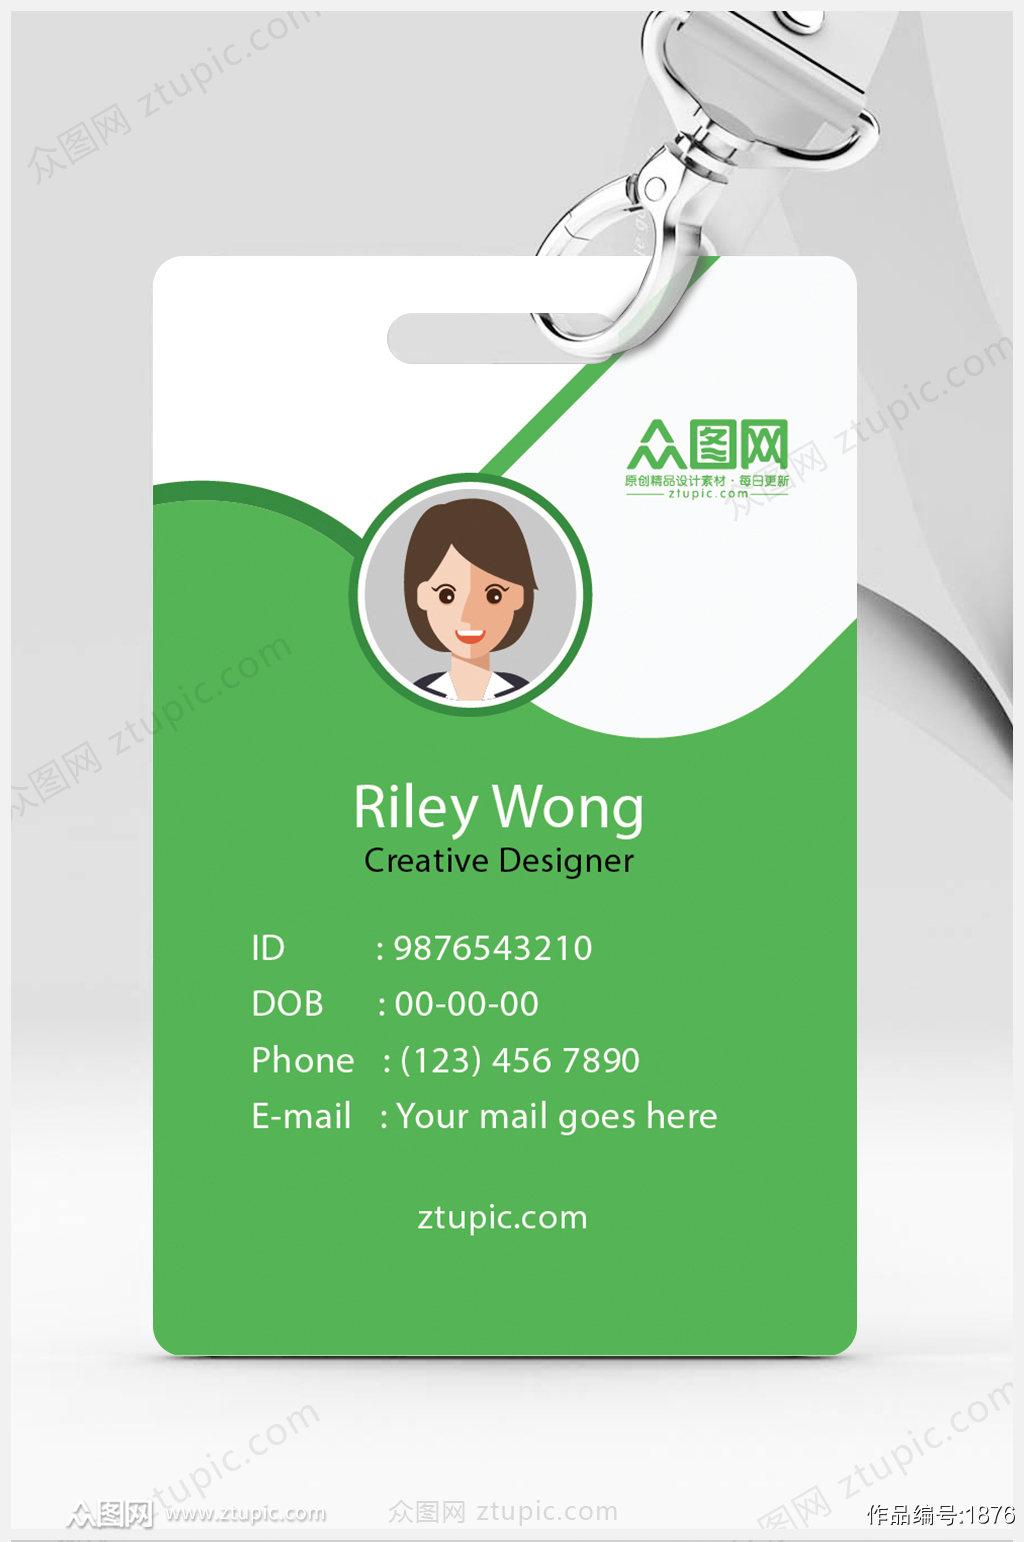 绿色商务大气时尚科技公司员工工作证素材